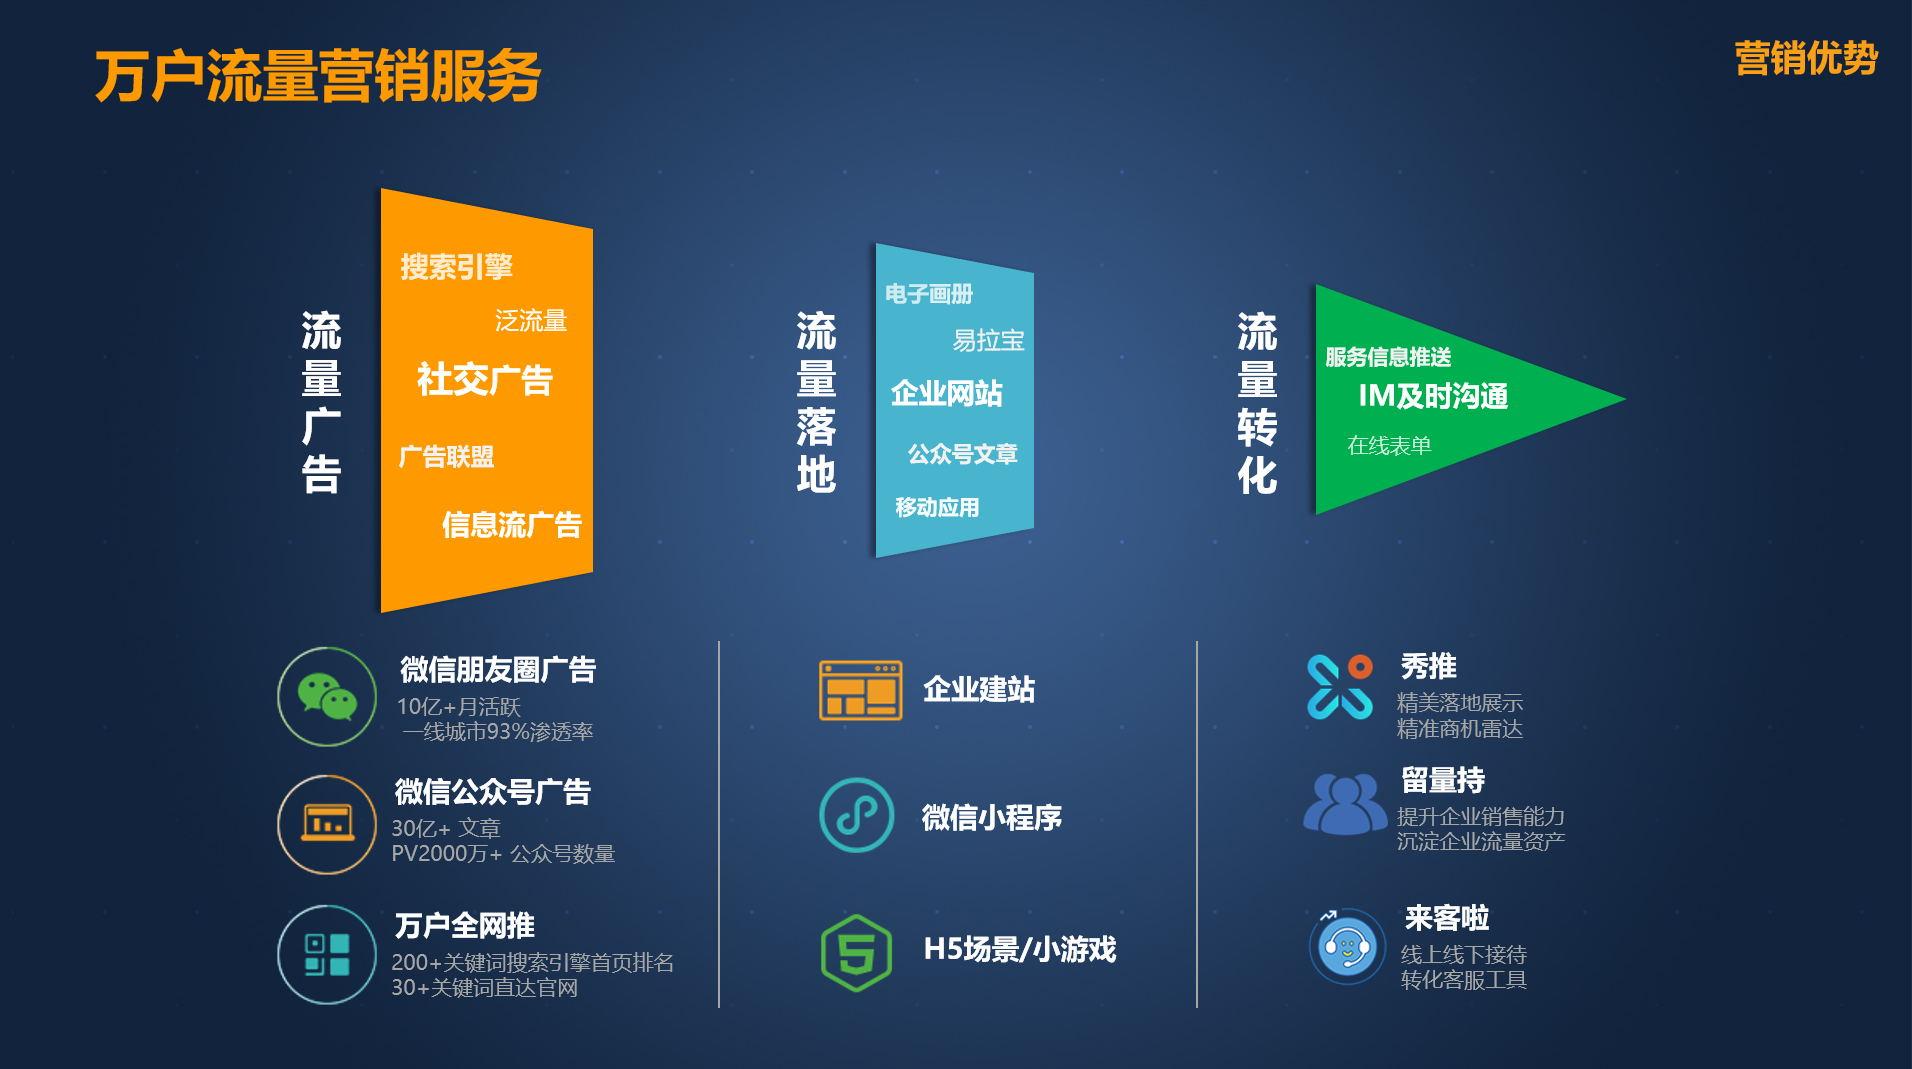 _公司企业网站建设官网响应式营销型网站定制开发制作设计商城改版16